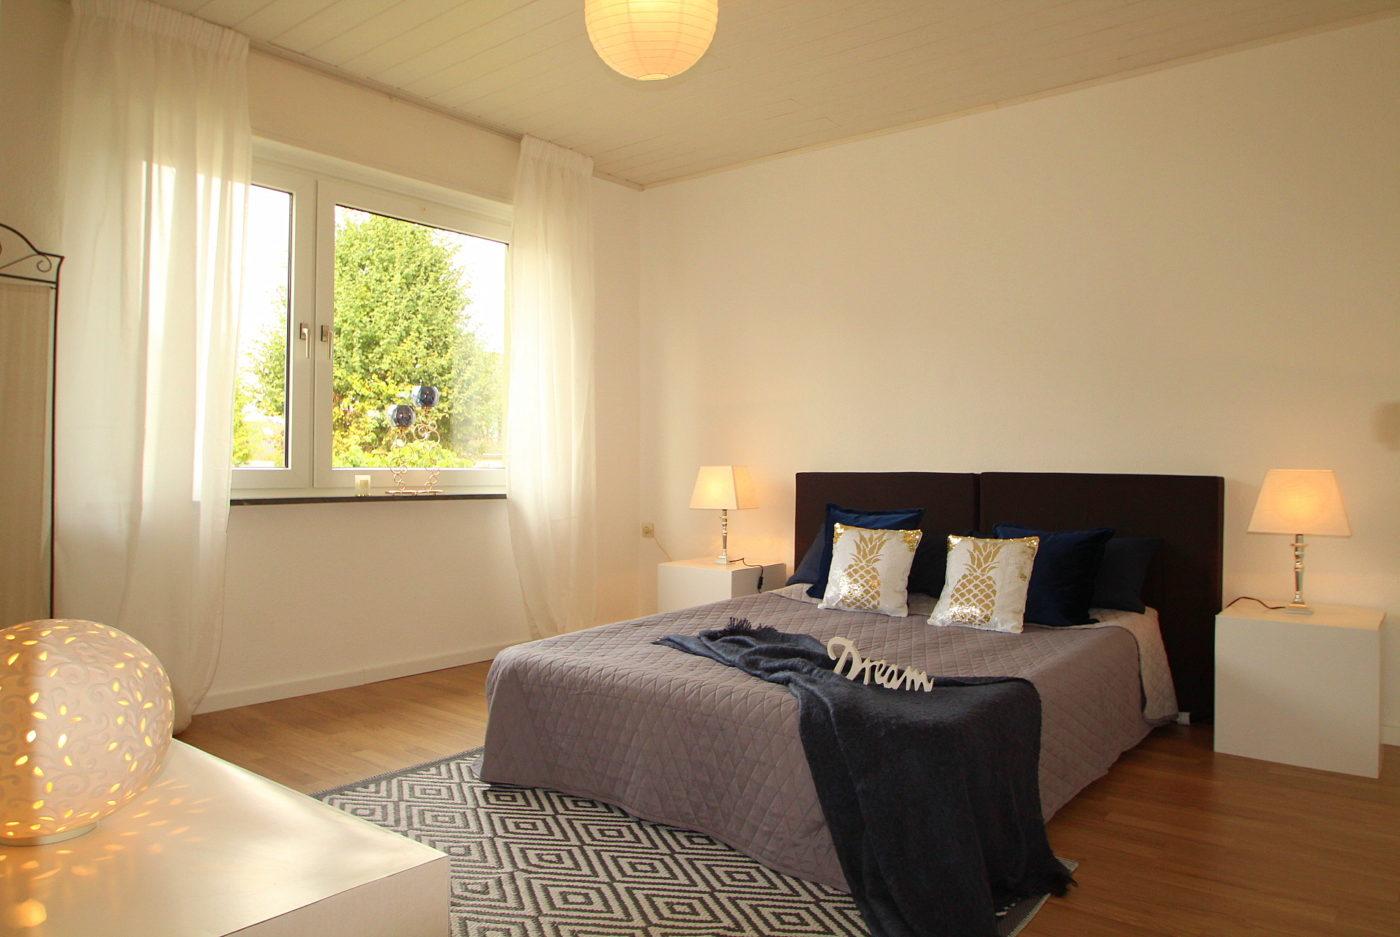 Anspruchsvolle Kunden erreichen mit Blickfang Homestaging aus Soest - so verkauft man Immobilien erfolgreich und zum Bestpreis!